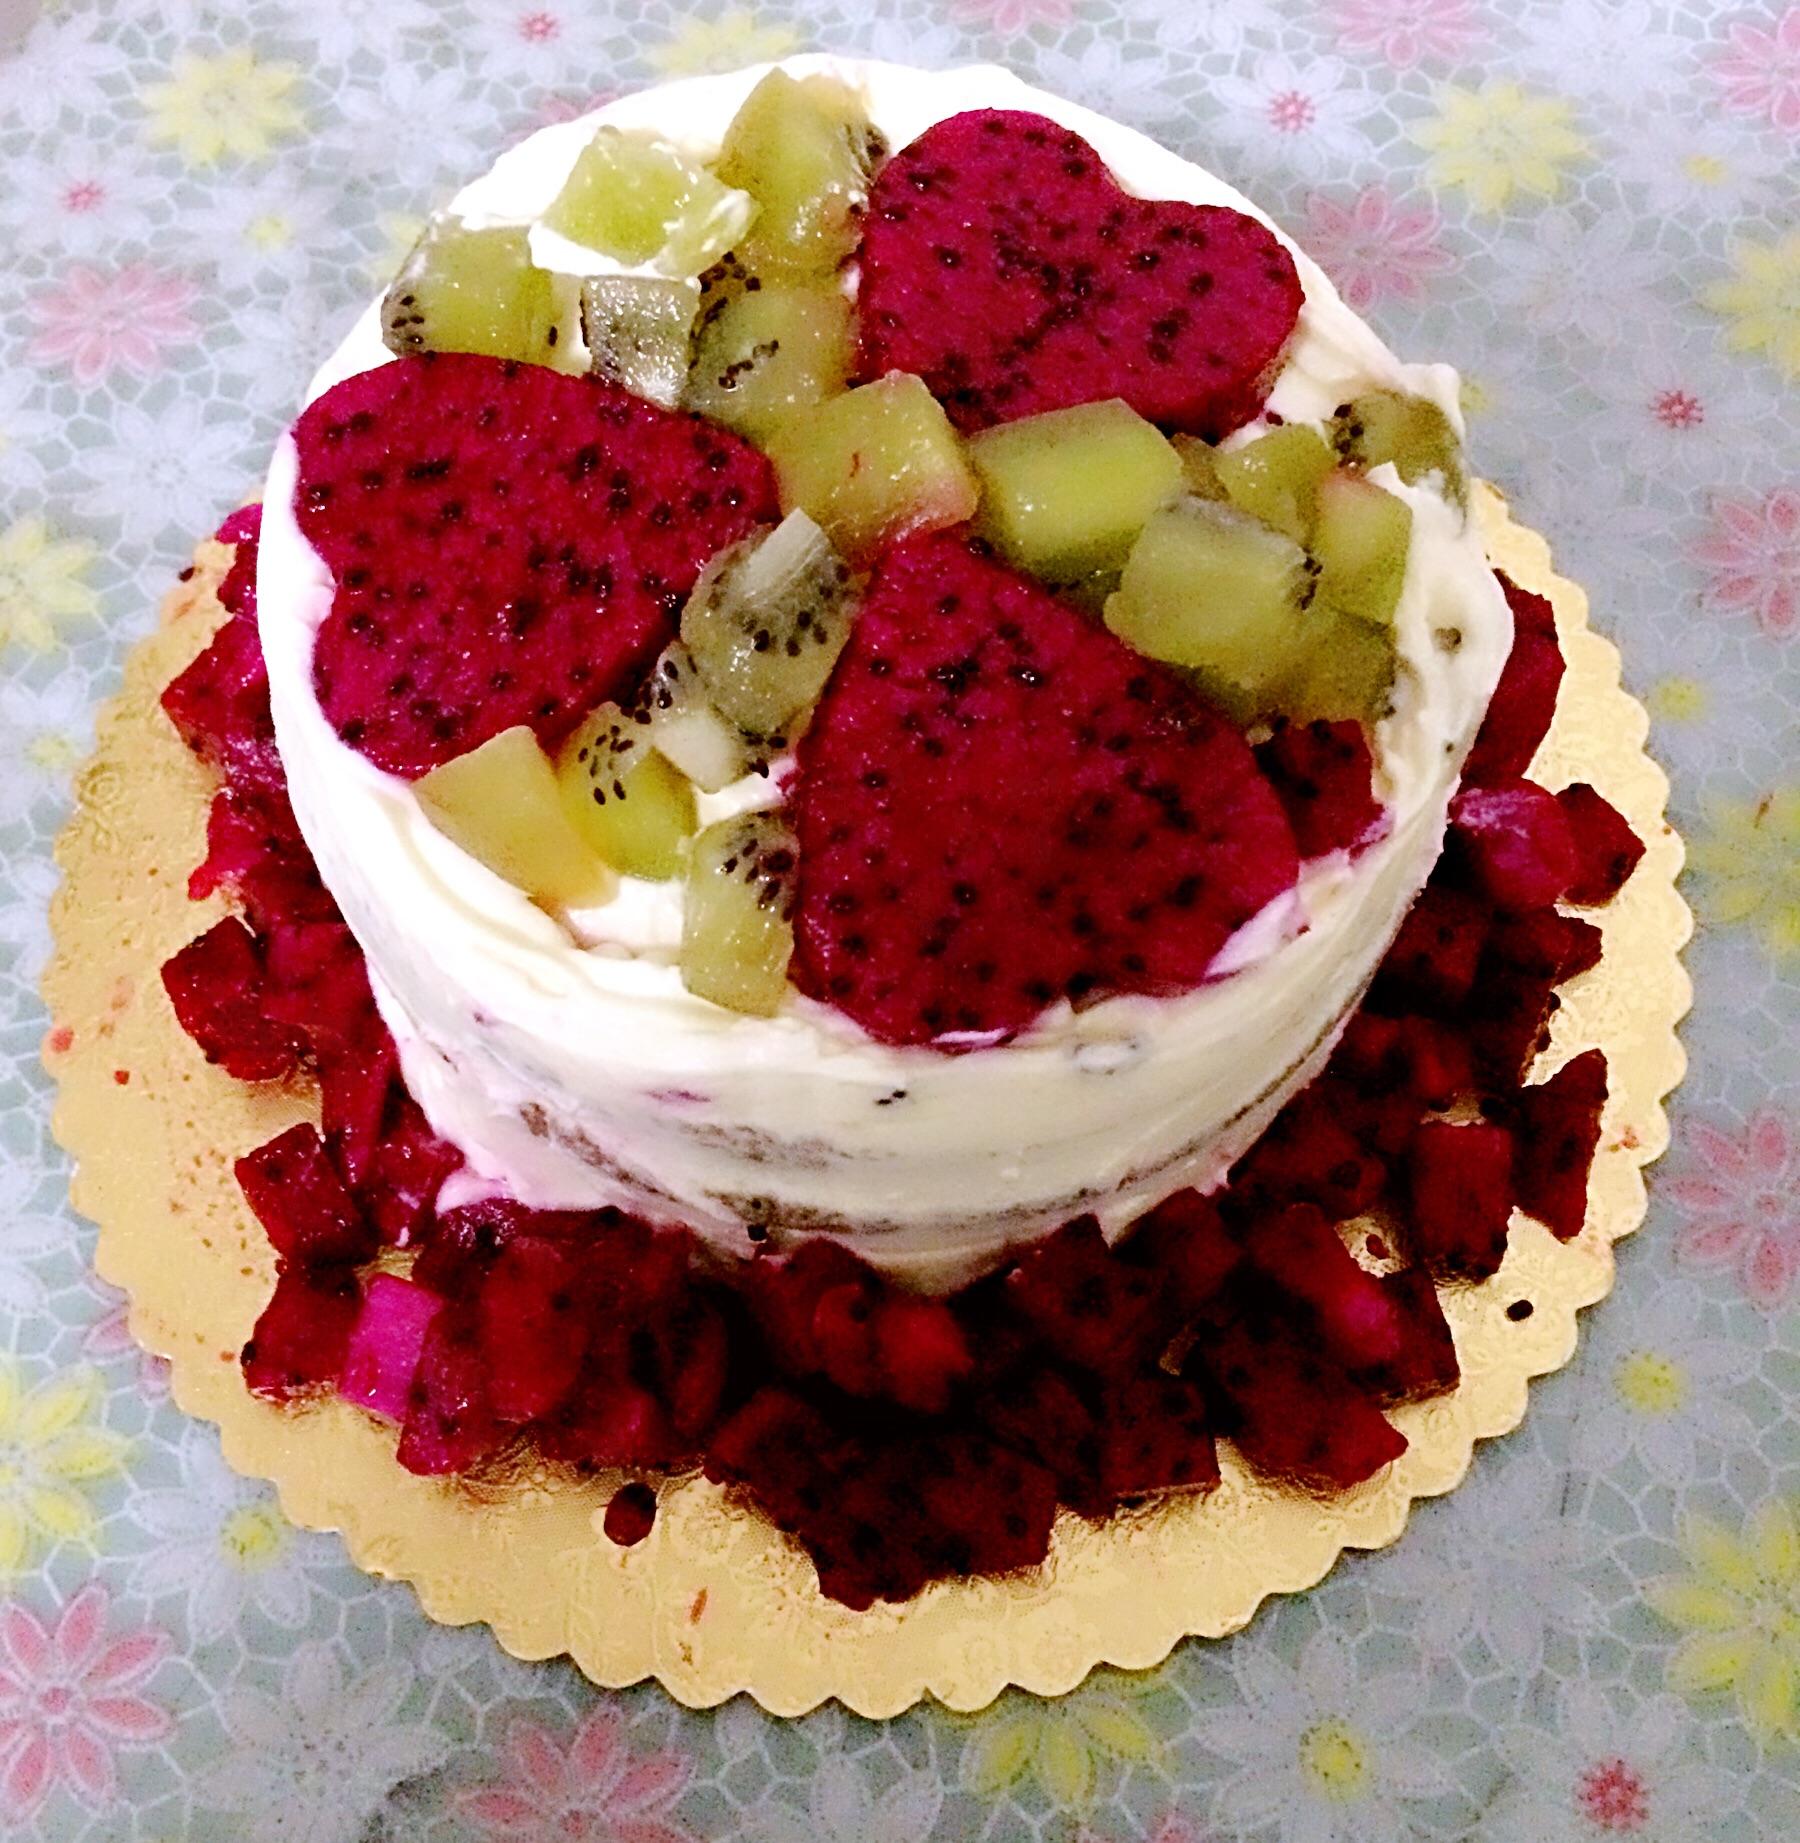 水果奶油蛋糕的做法_【图解】水果奶油蛋糕怎么做